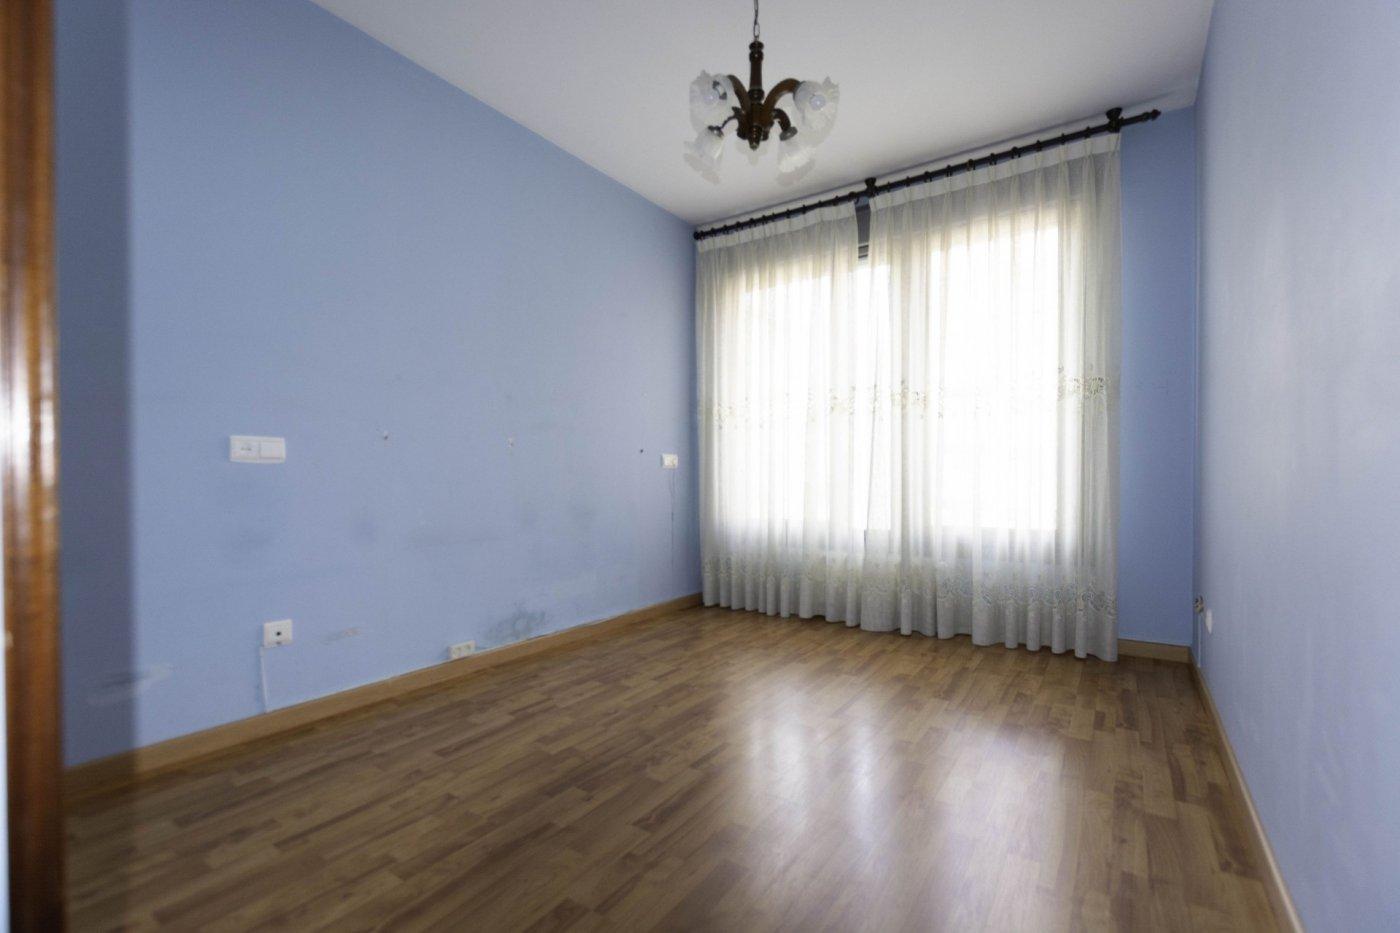 Venta de piso en oviedo - imagenInmueble31